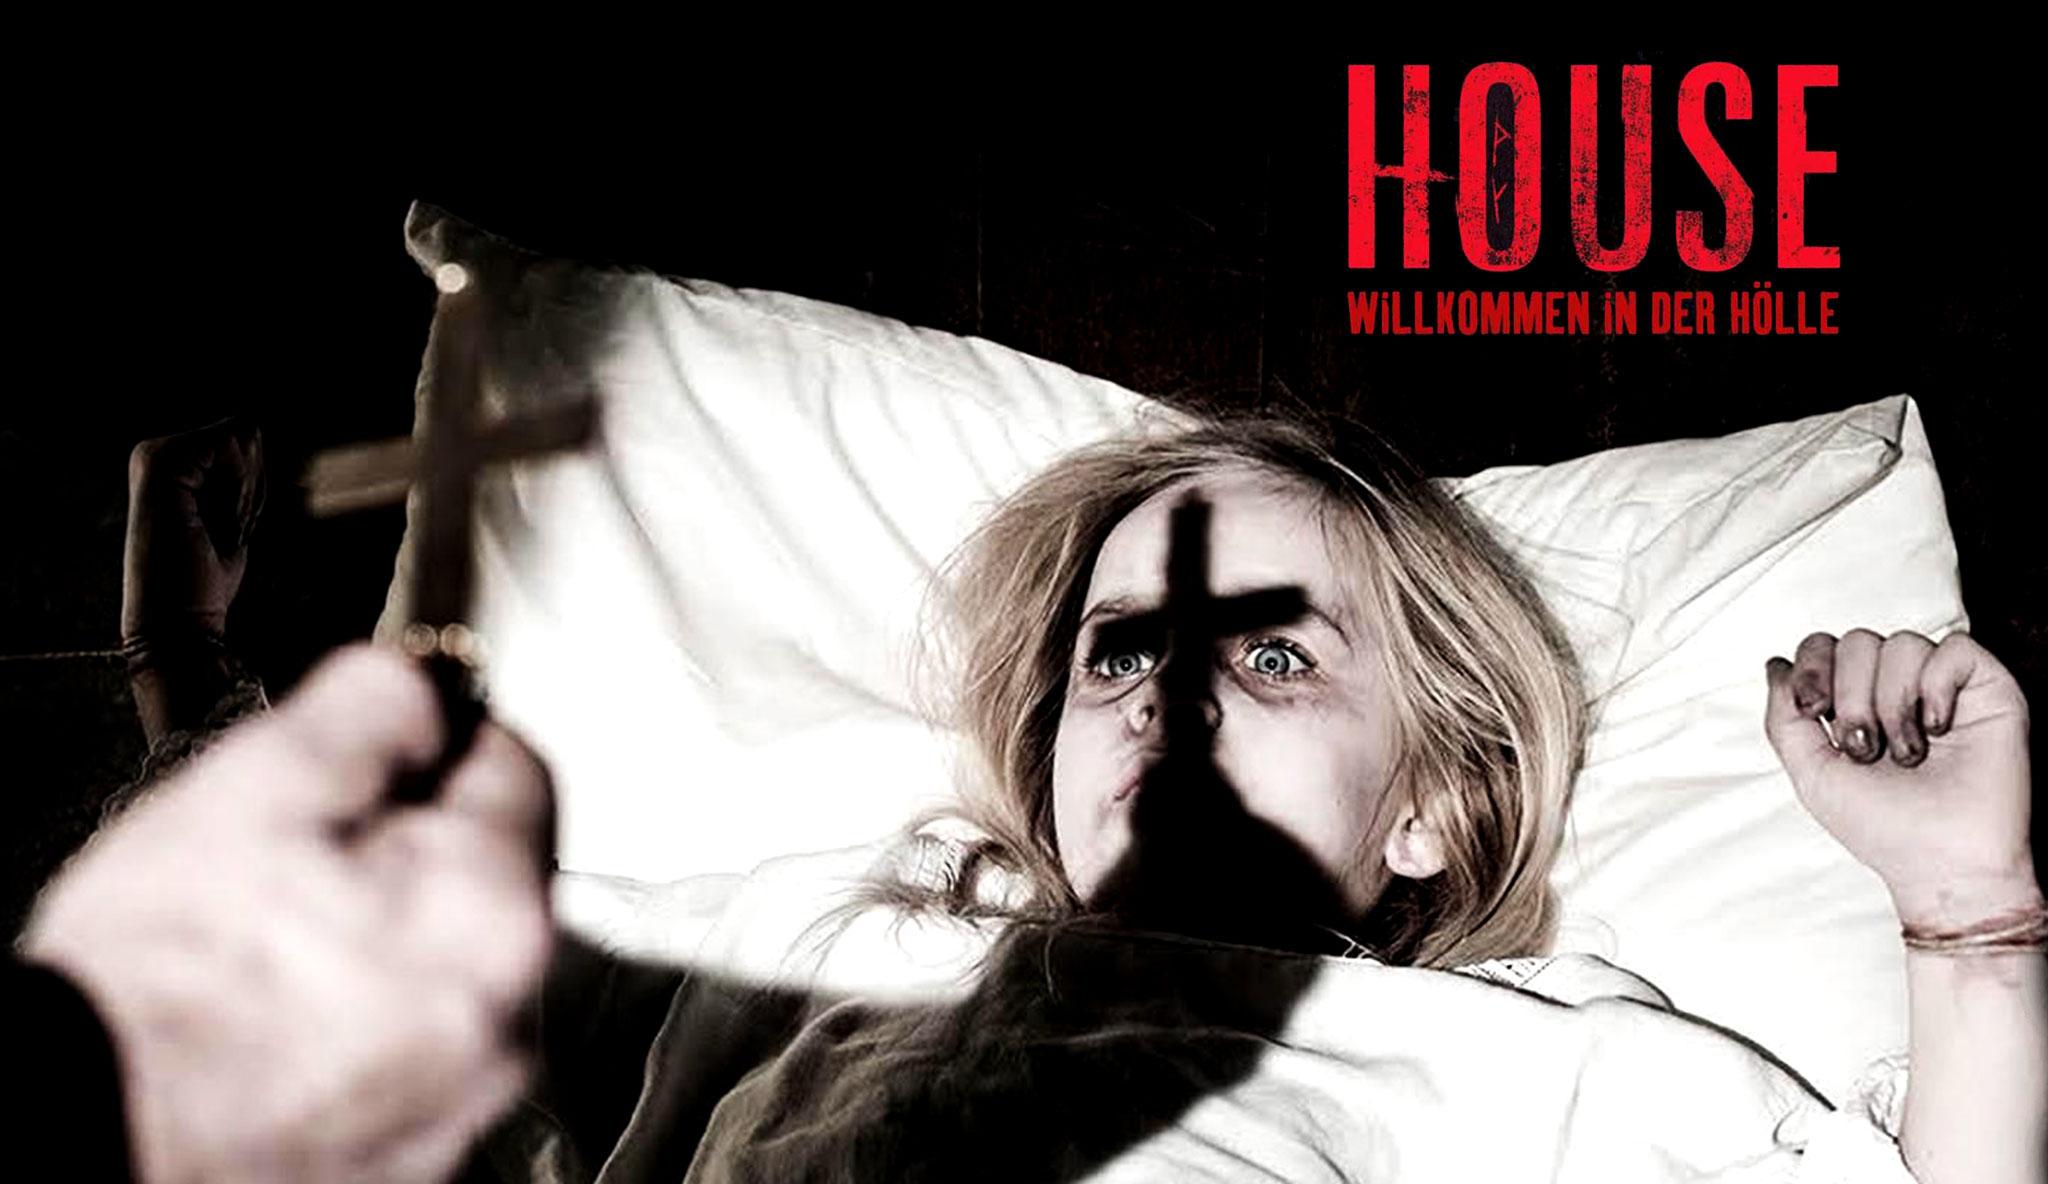 house-willkommen-in-der-holle\header.jpg